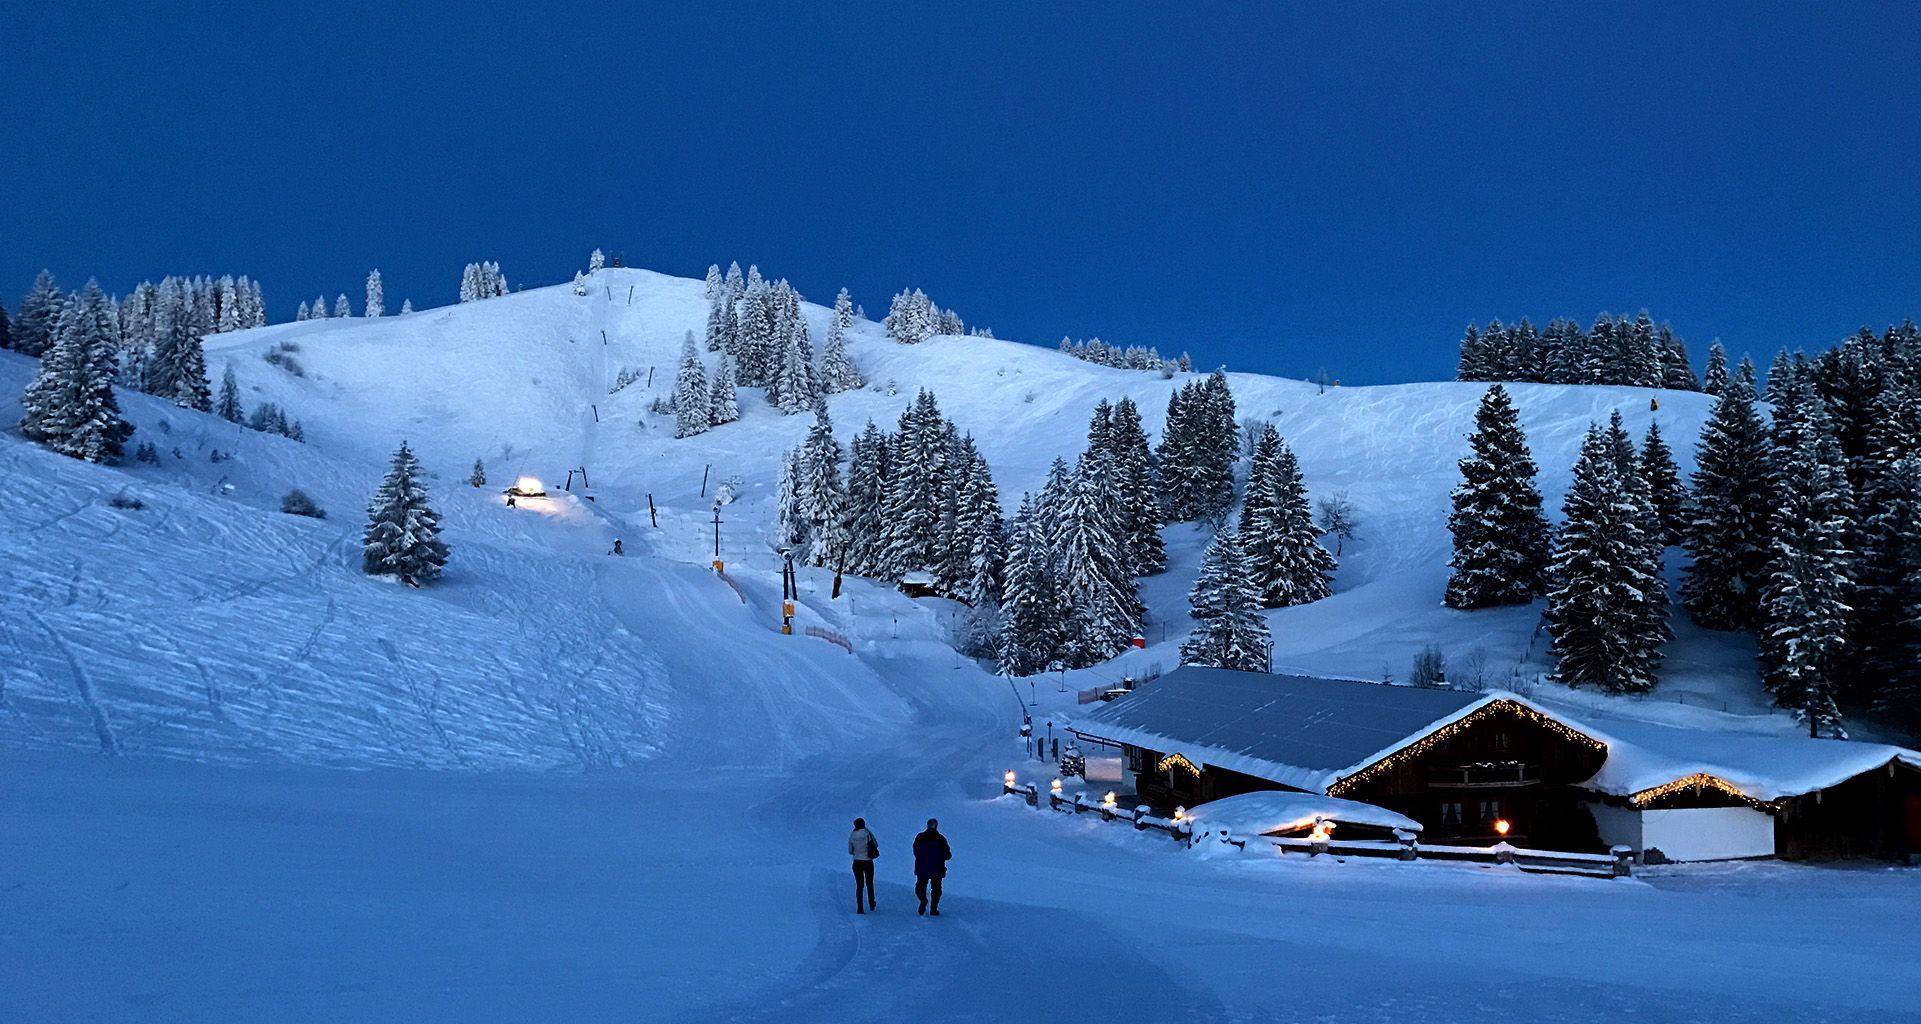 Herzlich Willkommen im neugeschaffenen Skizentrum Grafenherberg-Sudelfeld